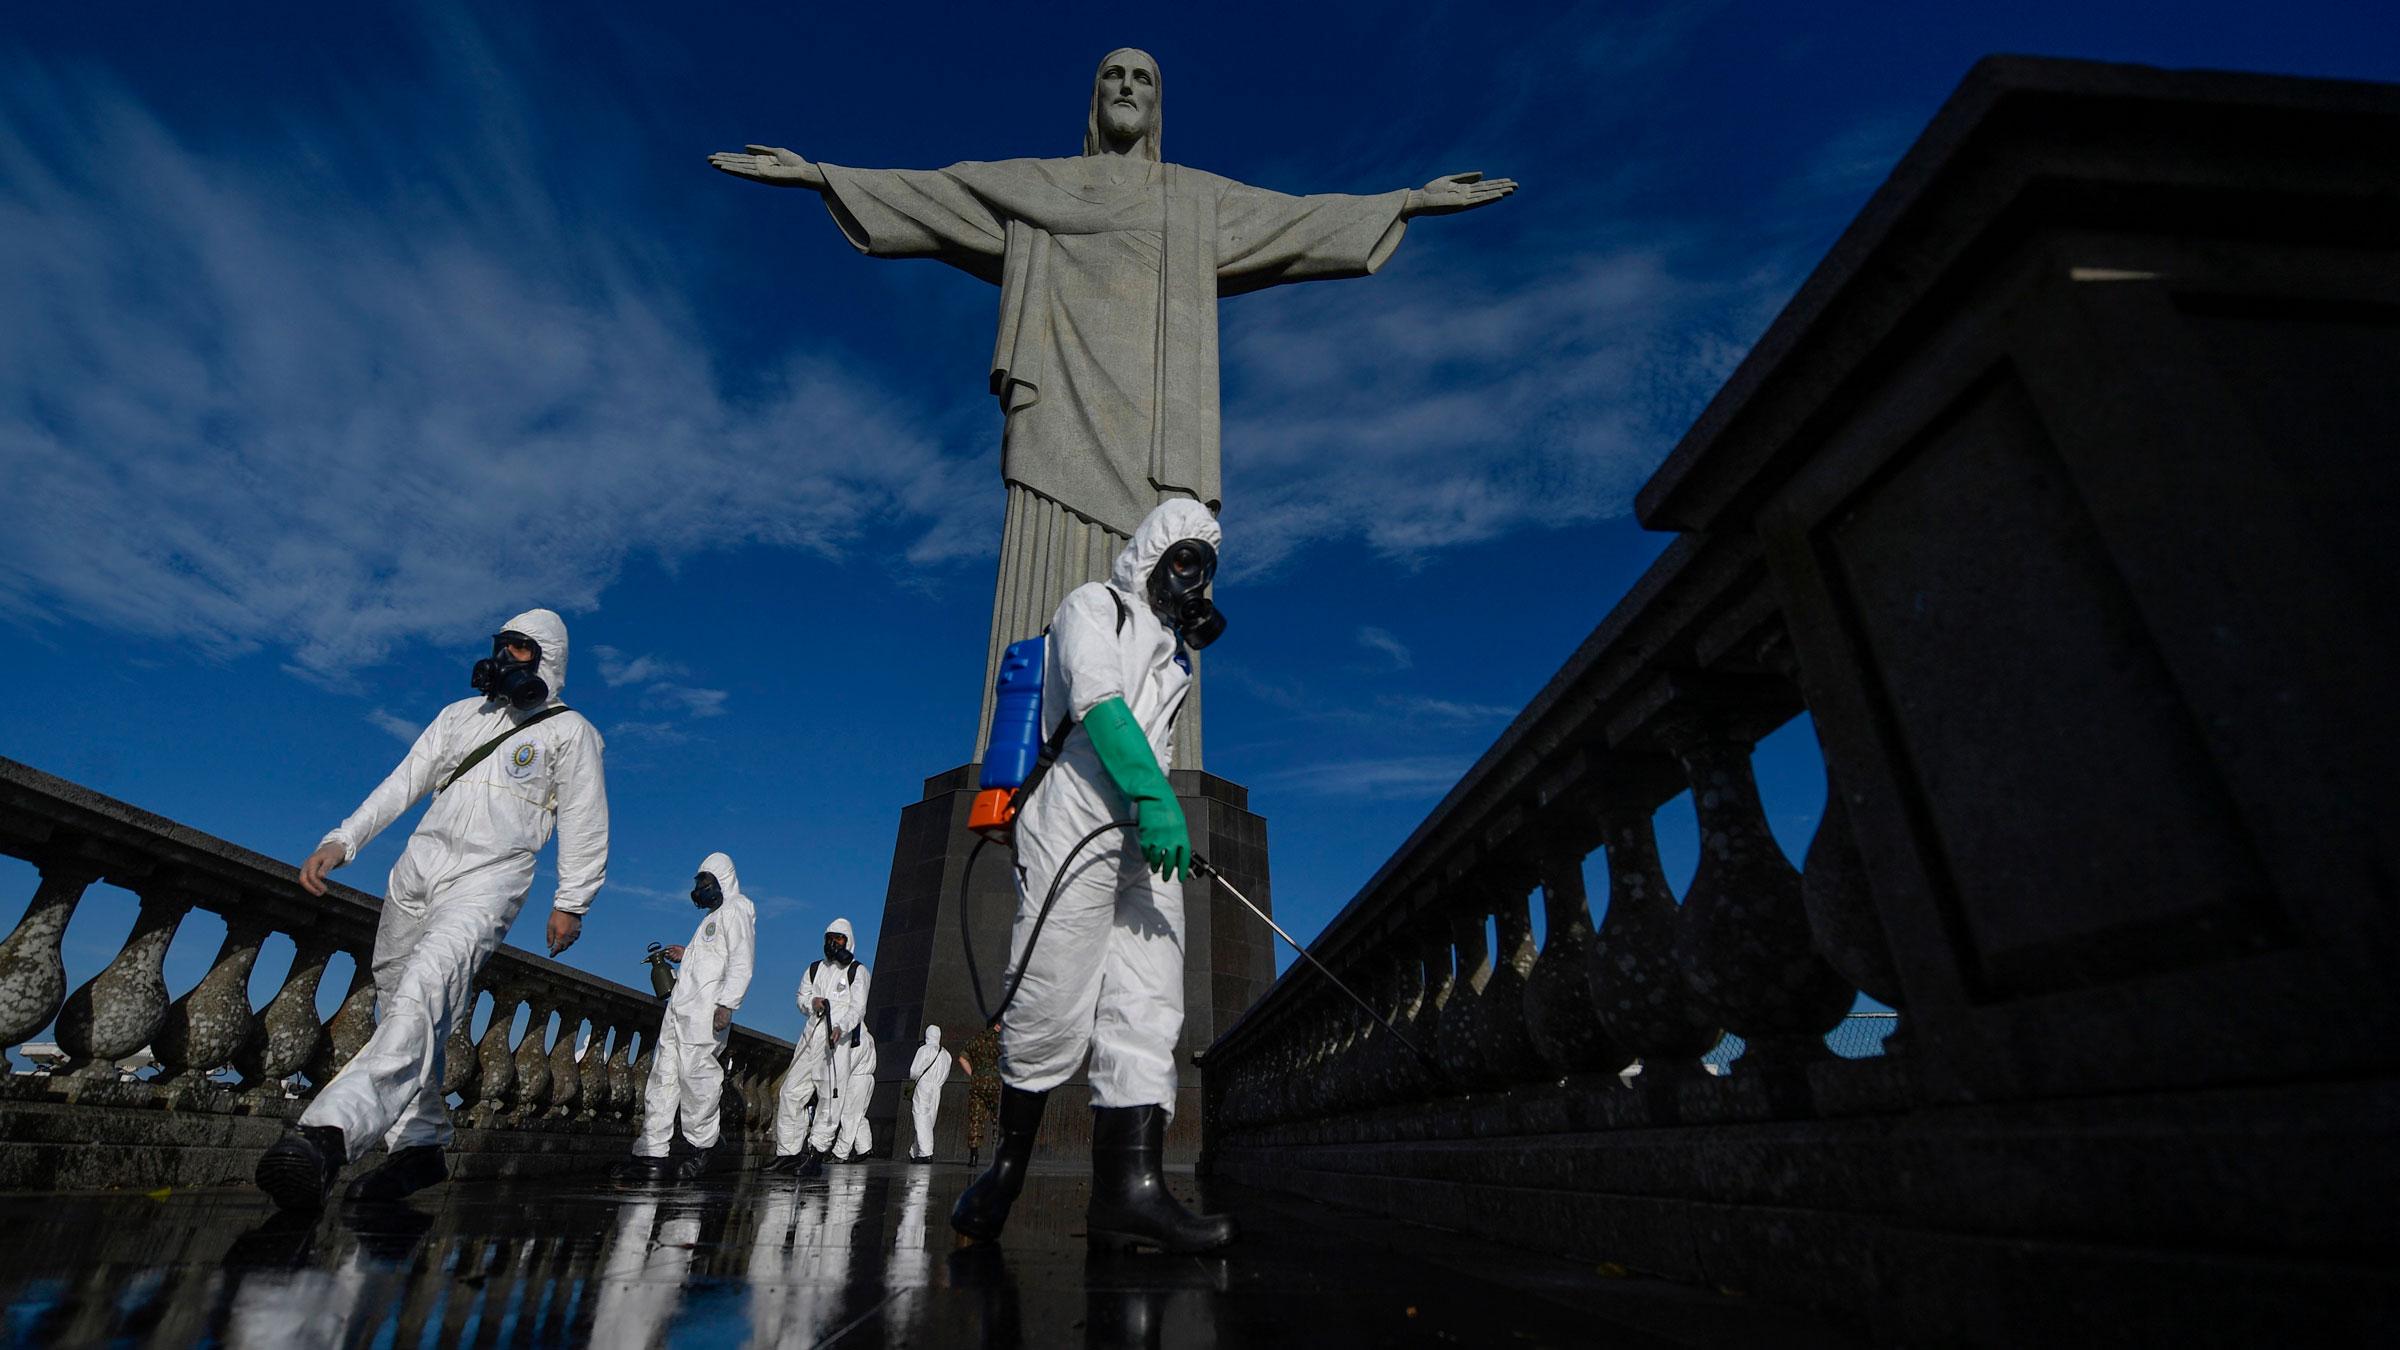 ब्राजील के रियो डे जनेरियो में मंगलवार को क्राइस्ट दी रिडीमर स्टैच्यू के डिसइनफेक्ट करते सेना के जवान।